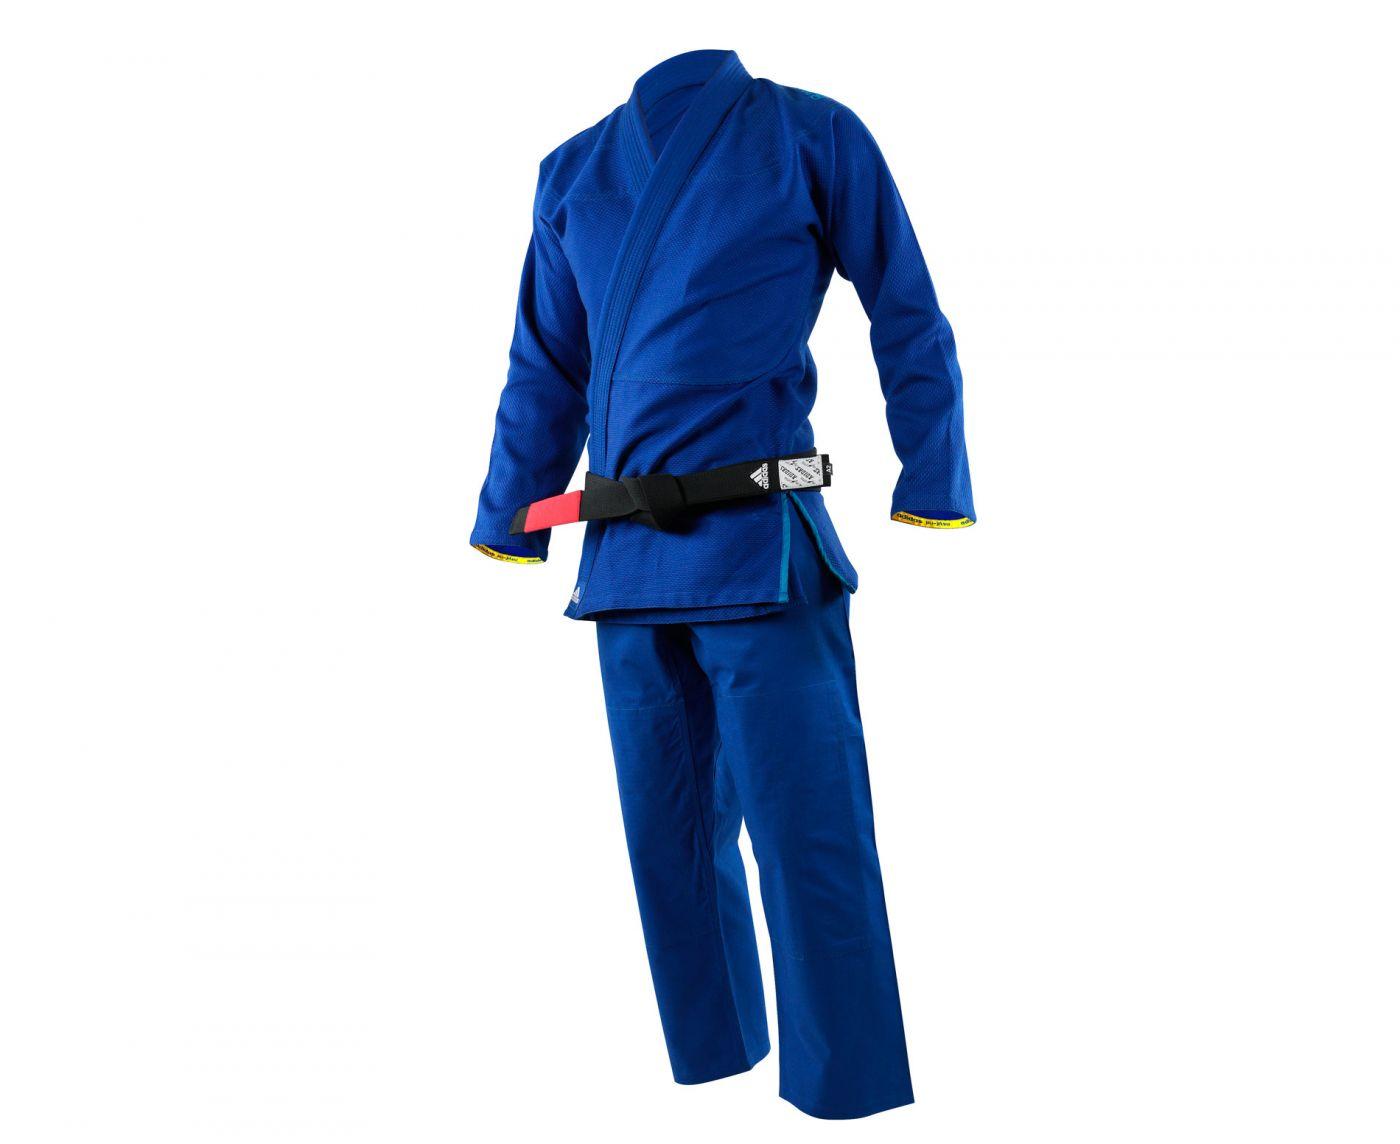 Кимоно для джиу-джитсу Challenge 2.0 синее, размер А2, артикул JJ350B